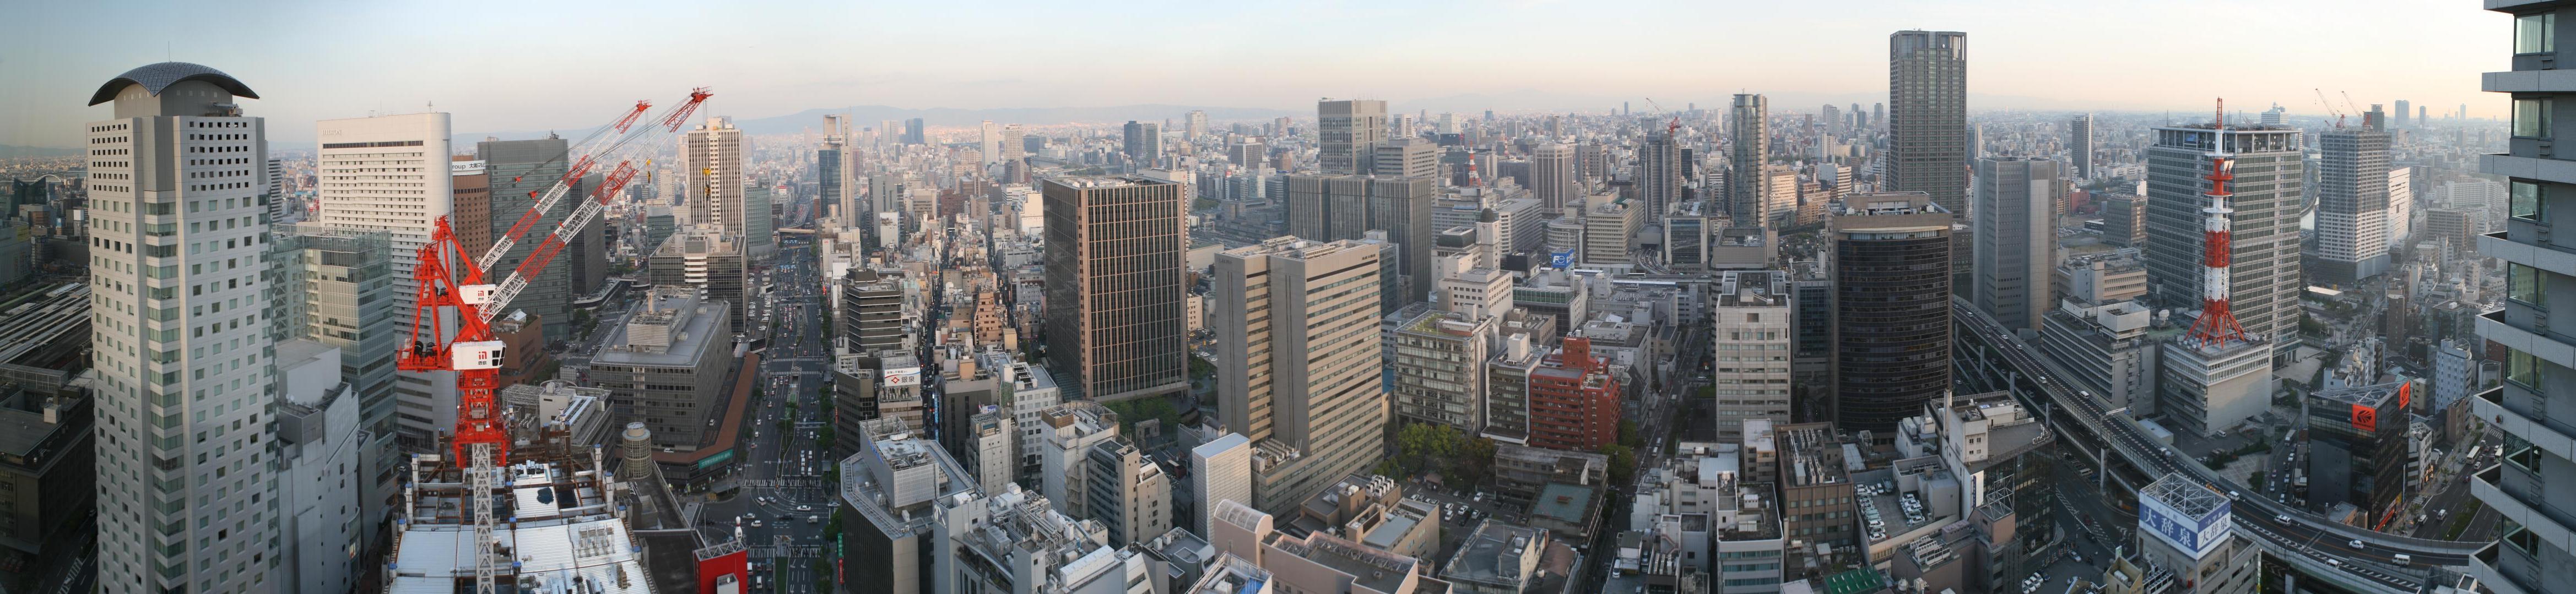 Las 10 ciudades más habitadas del mundo